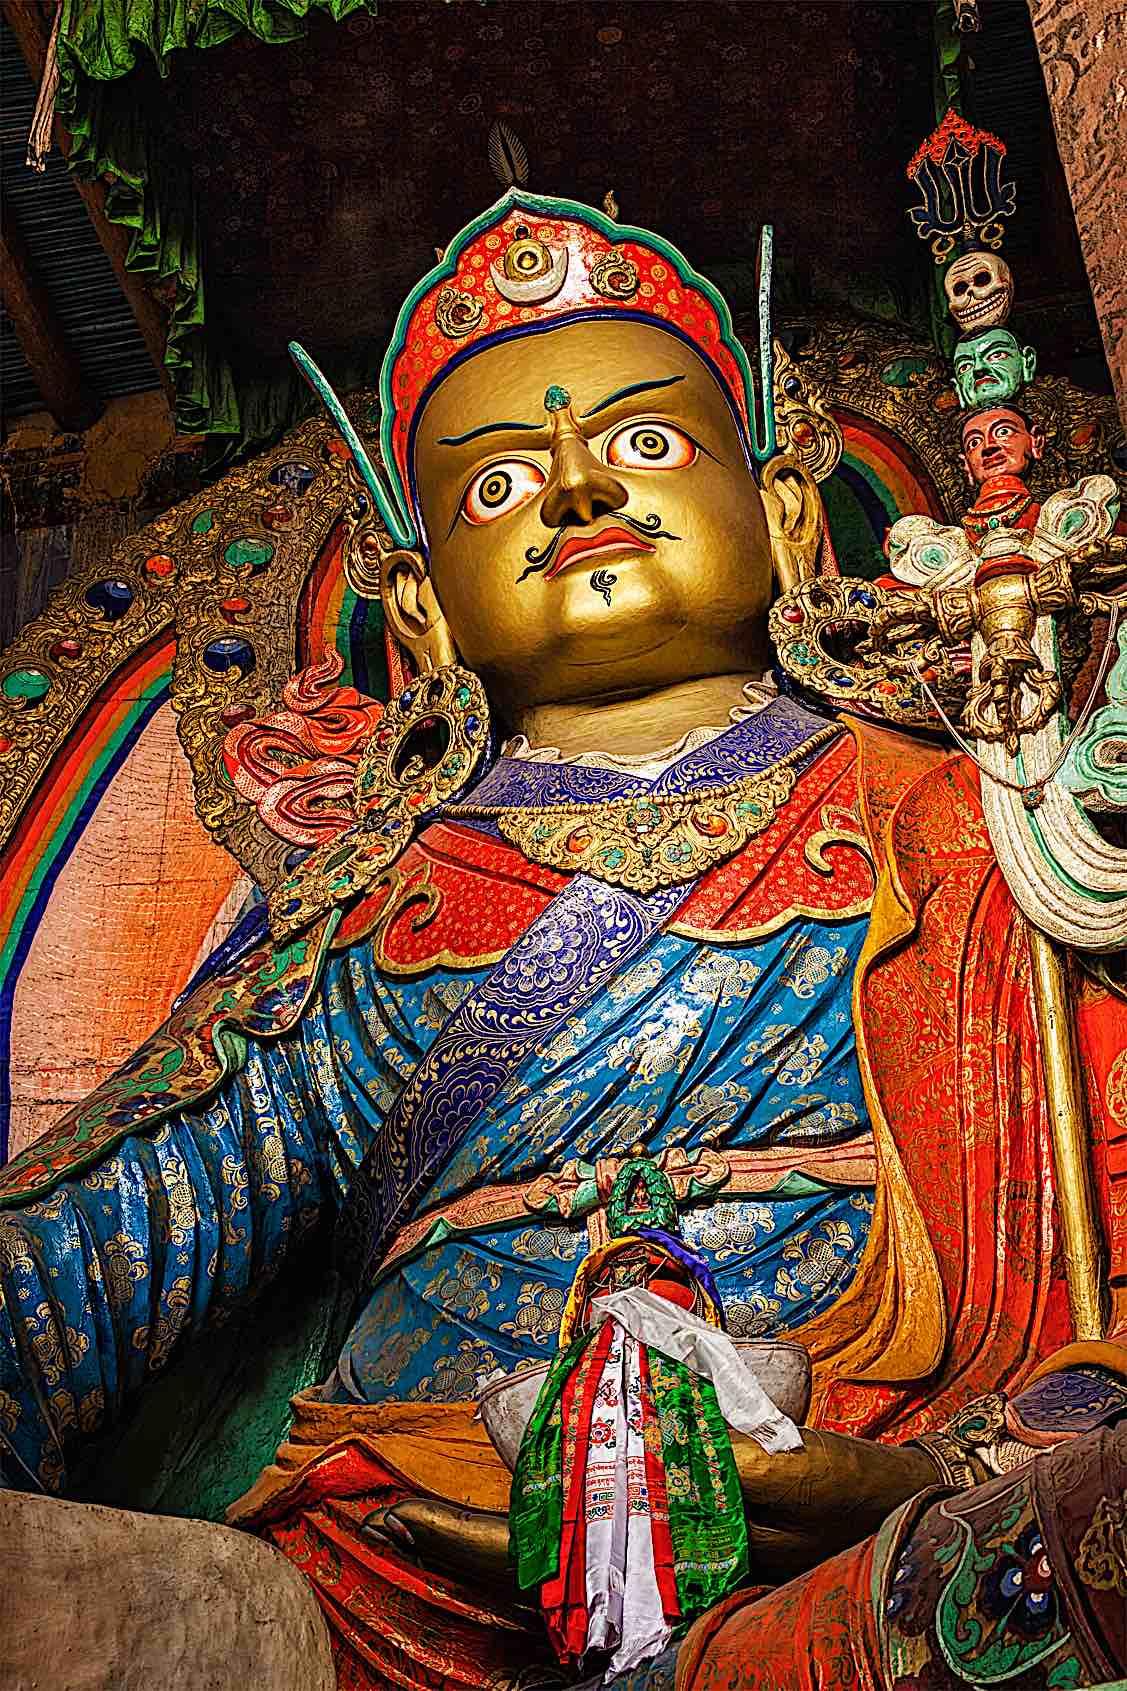 Buddha Weekly Padmasambhava the Lotus Born Guru Rinpoche statue temple Buddhism